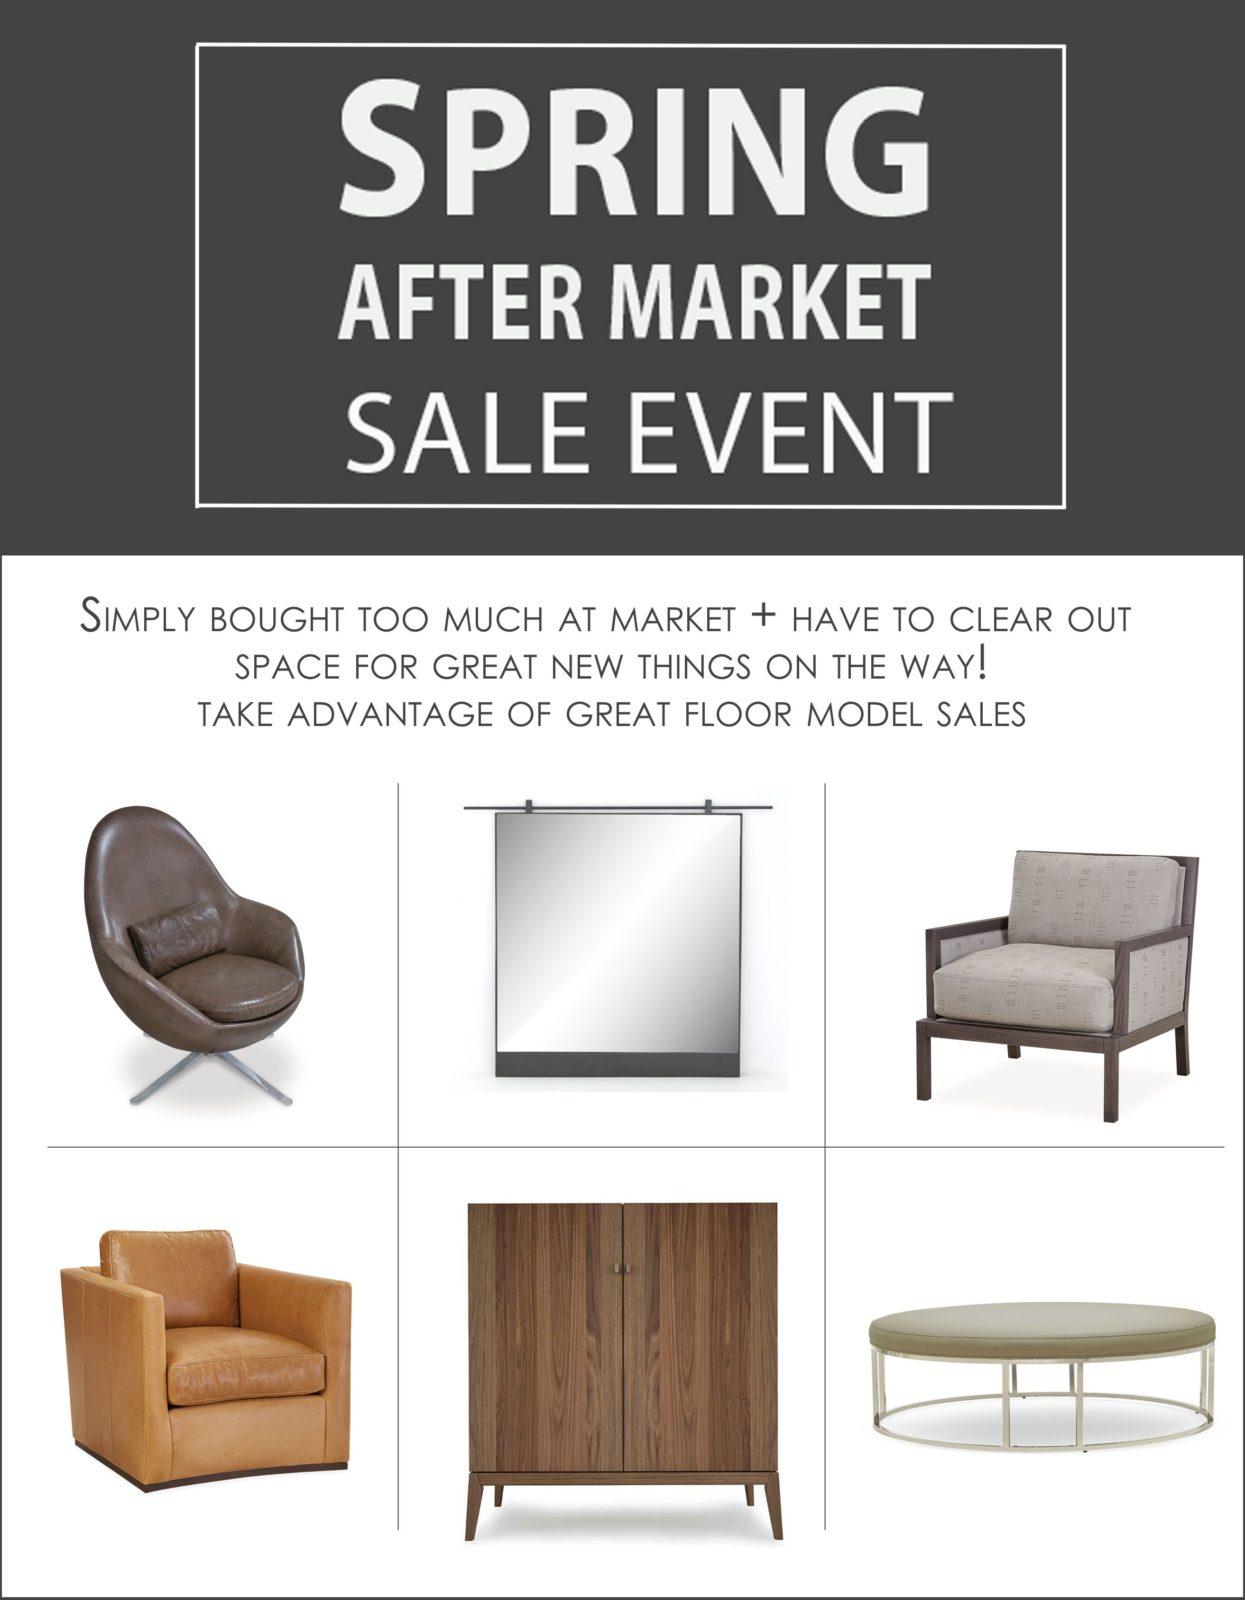 After Market Sale 2019